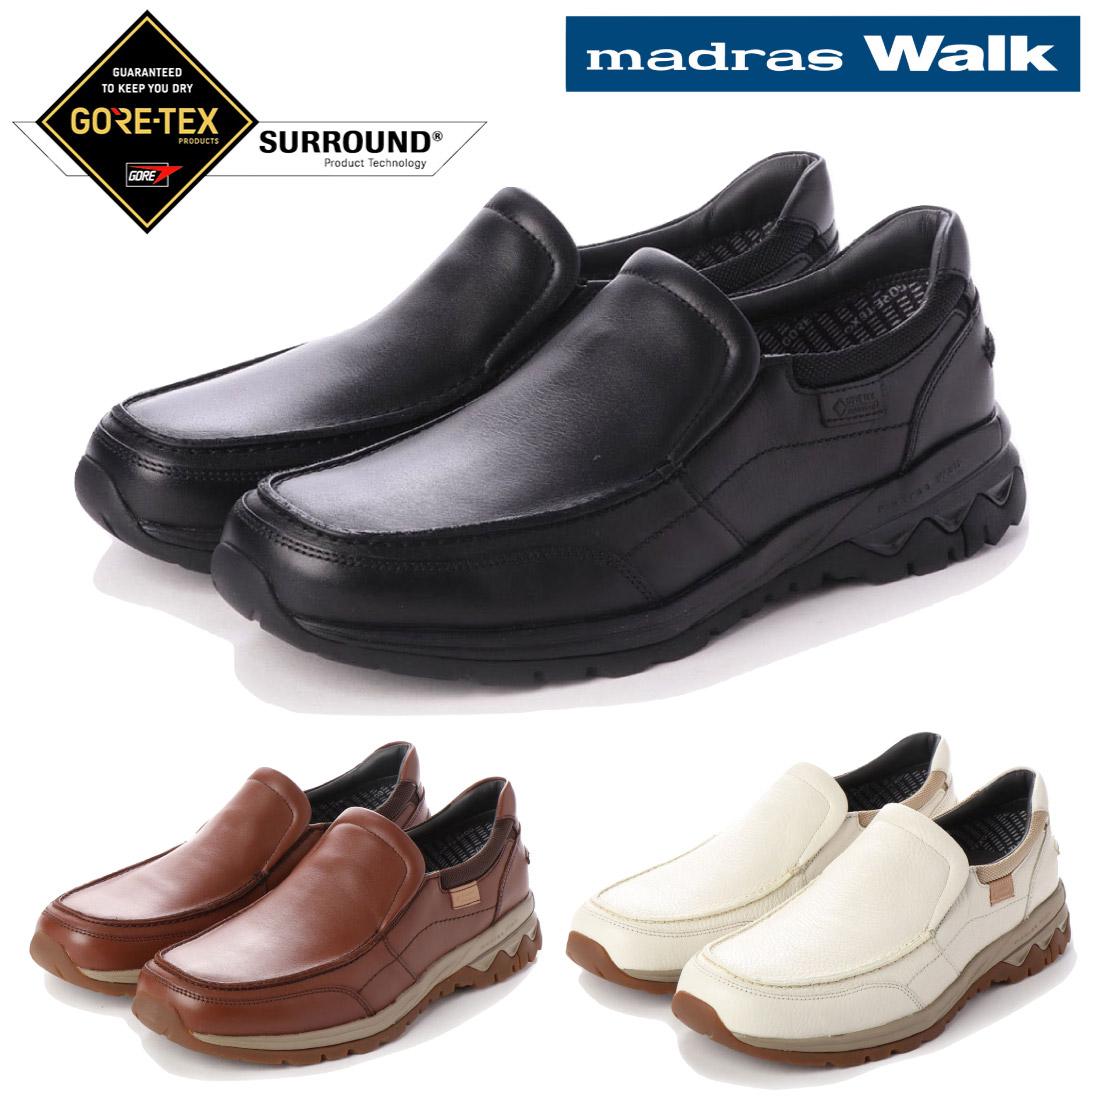 madras Walk マドラス スリッポン カジュアル シューズ MW8101S 防水 革靴 【nesh】 【新品】